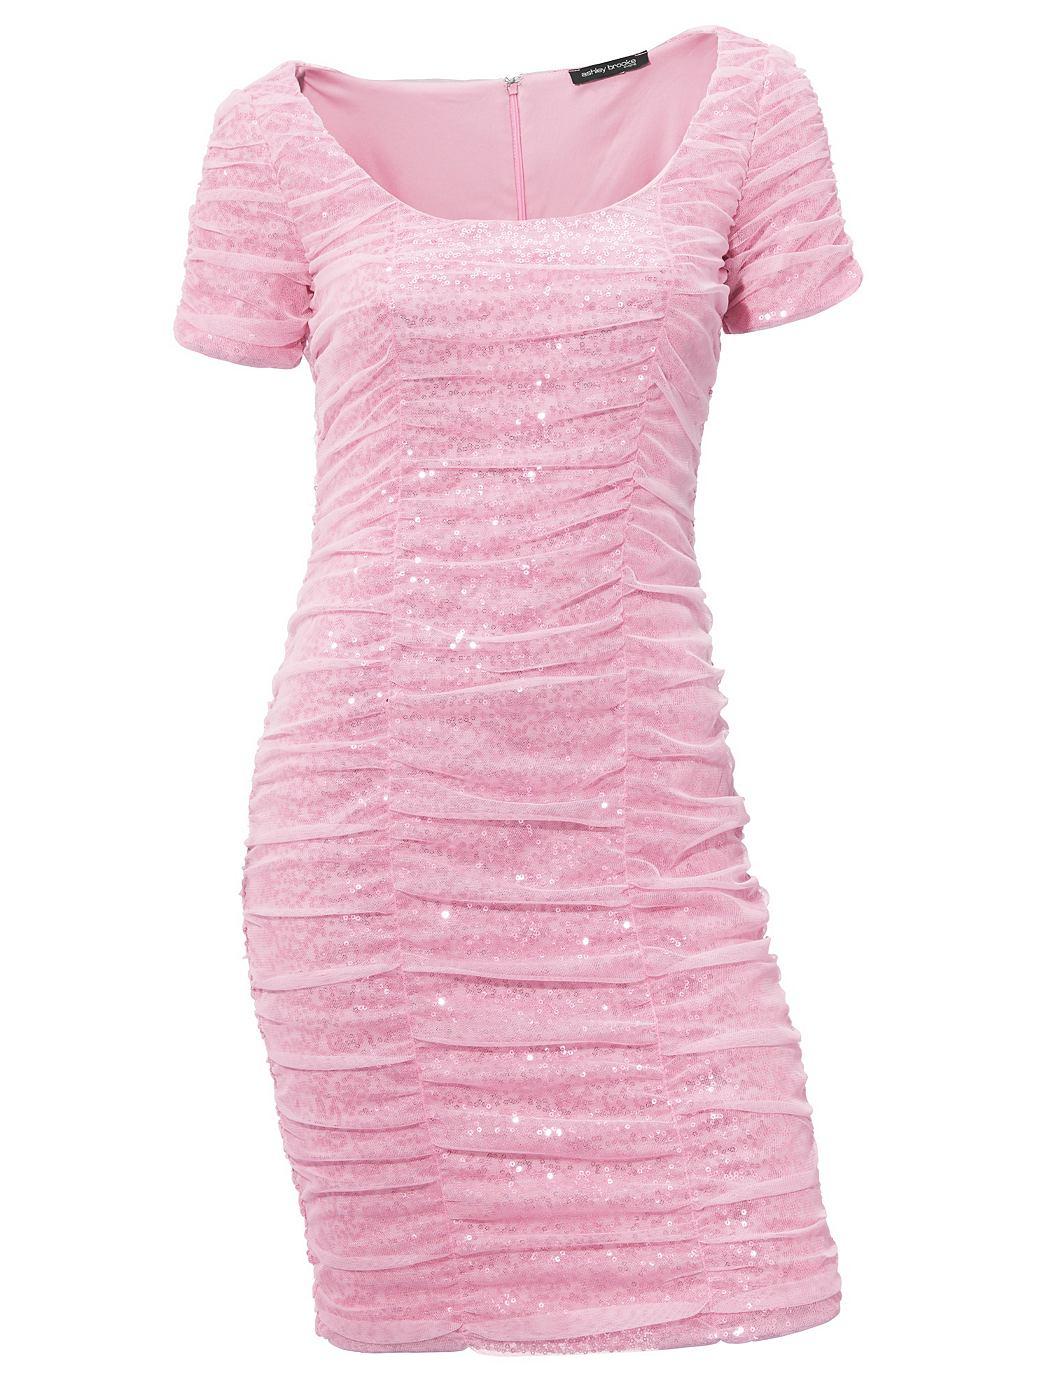 Ashley Brooke Event jurk met pailletten roze